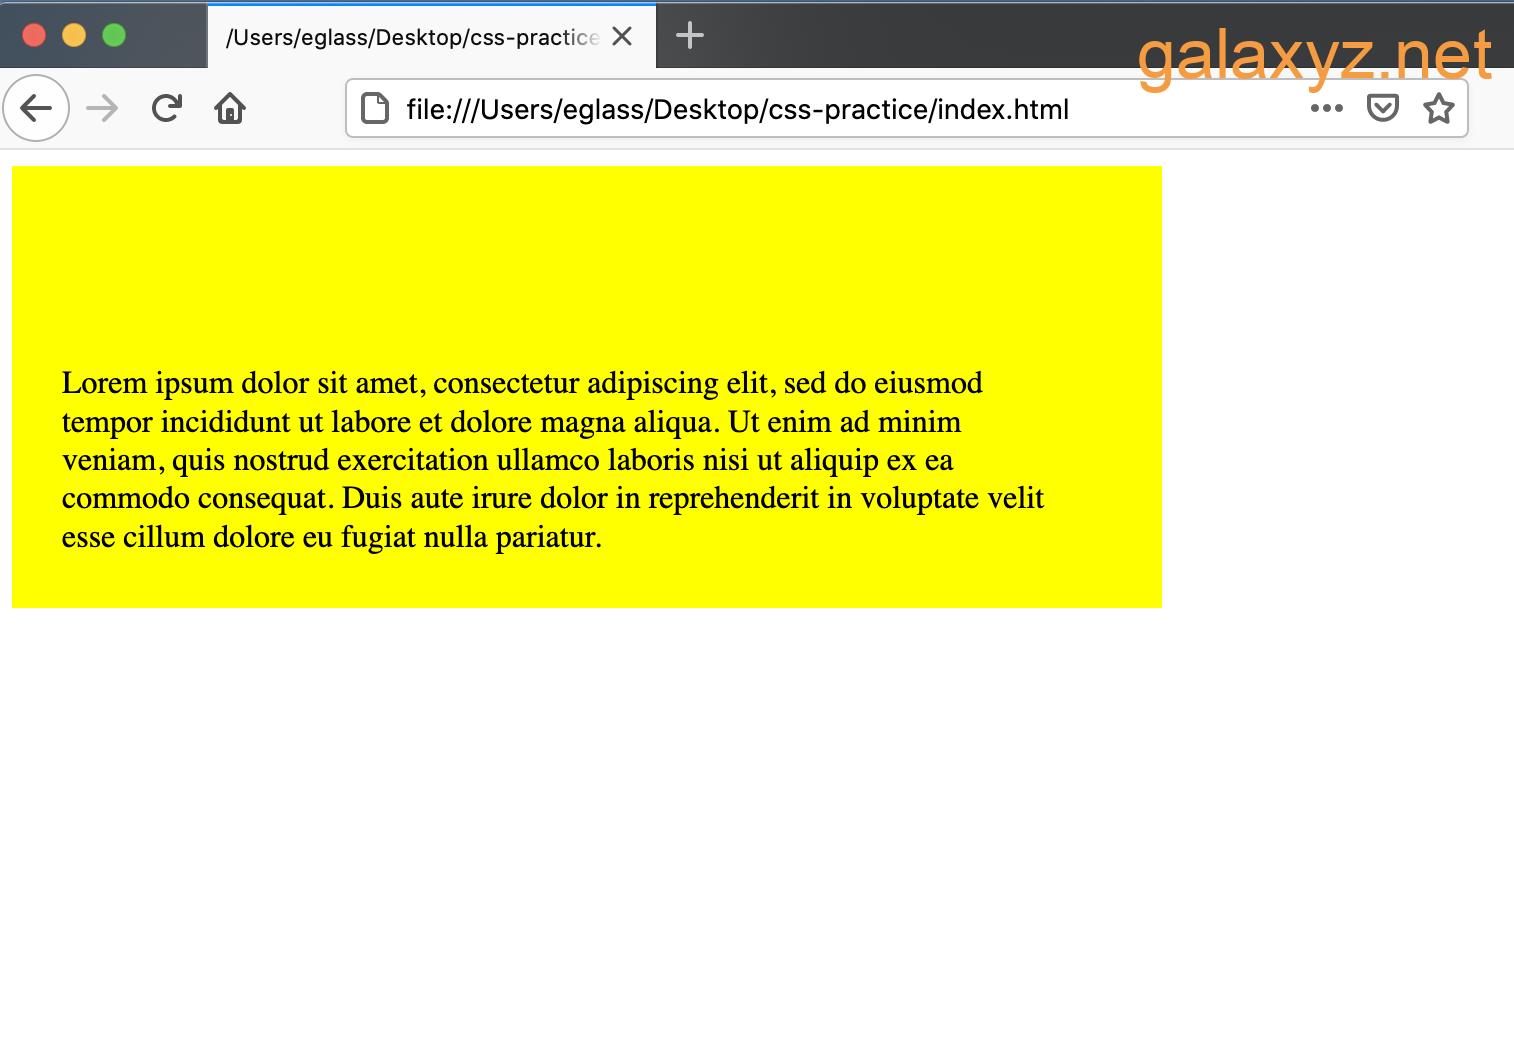 Trang web có containers  <div> màu vàng với các giá trị đệm khác nhau được đặt cho mỗi bên